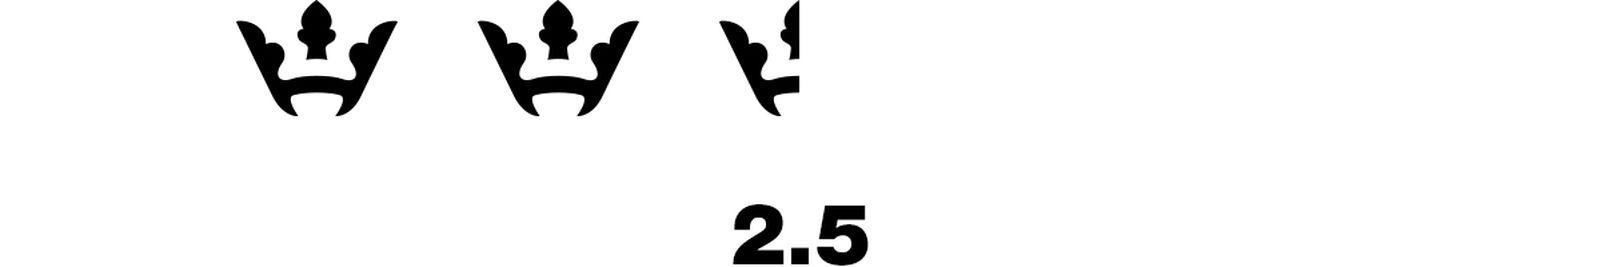 2.5 The Now Now gorillaz